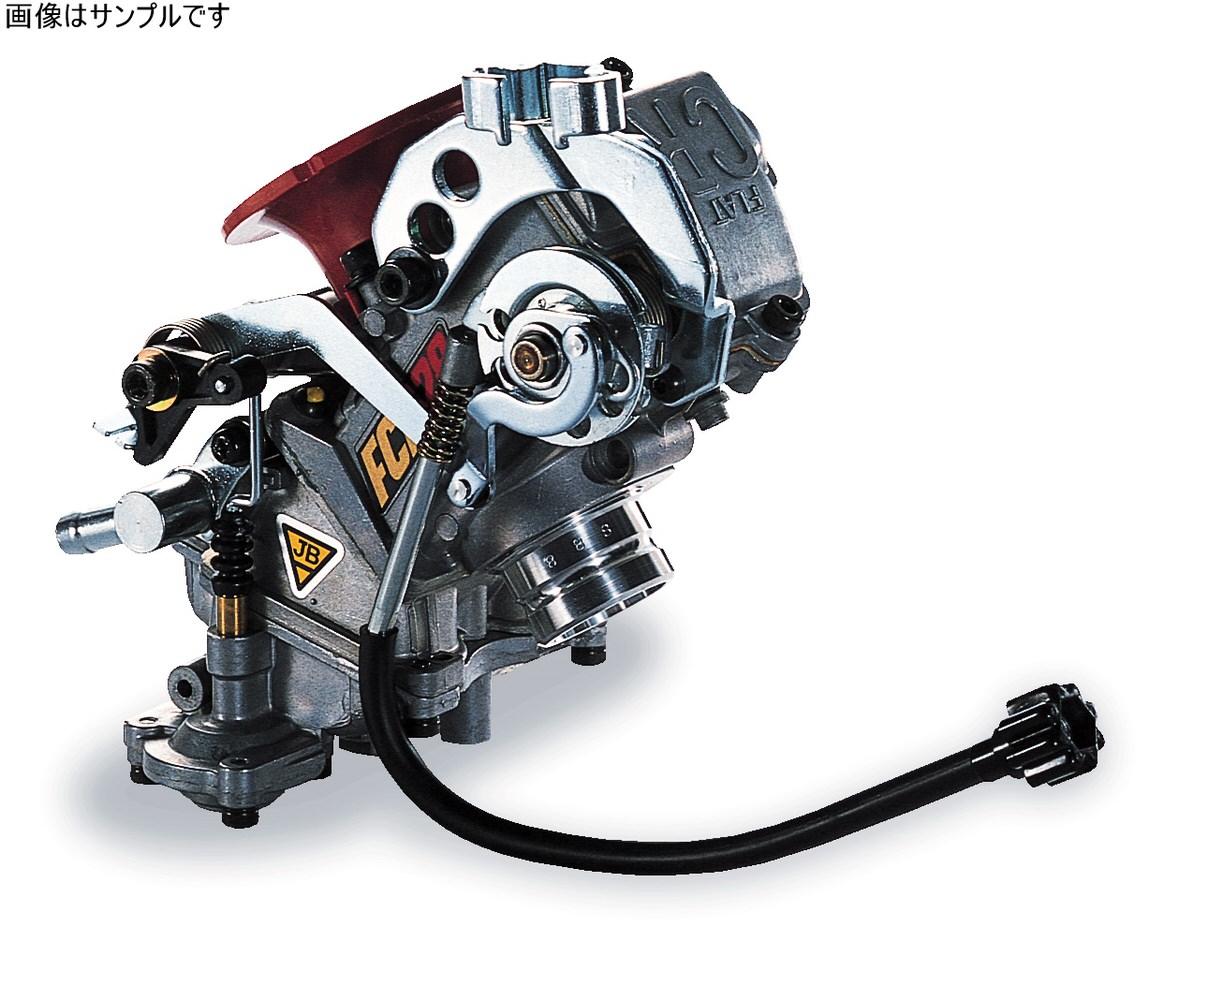 KEIHIN FCRΦ28 キャブレターキット(ダウンドラフト) JB POWER(BITO R&D) ダックス(DAX)